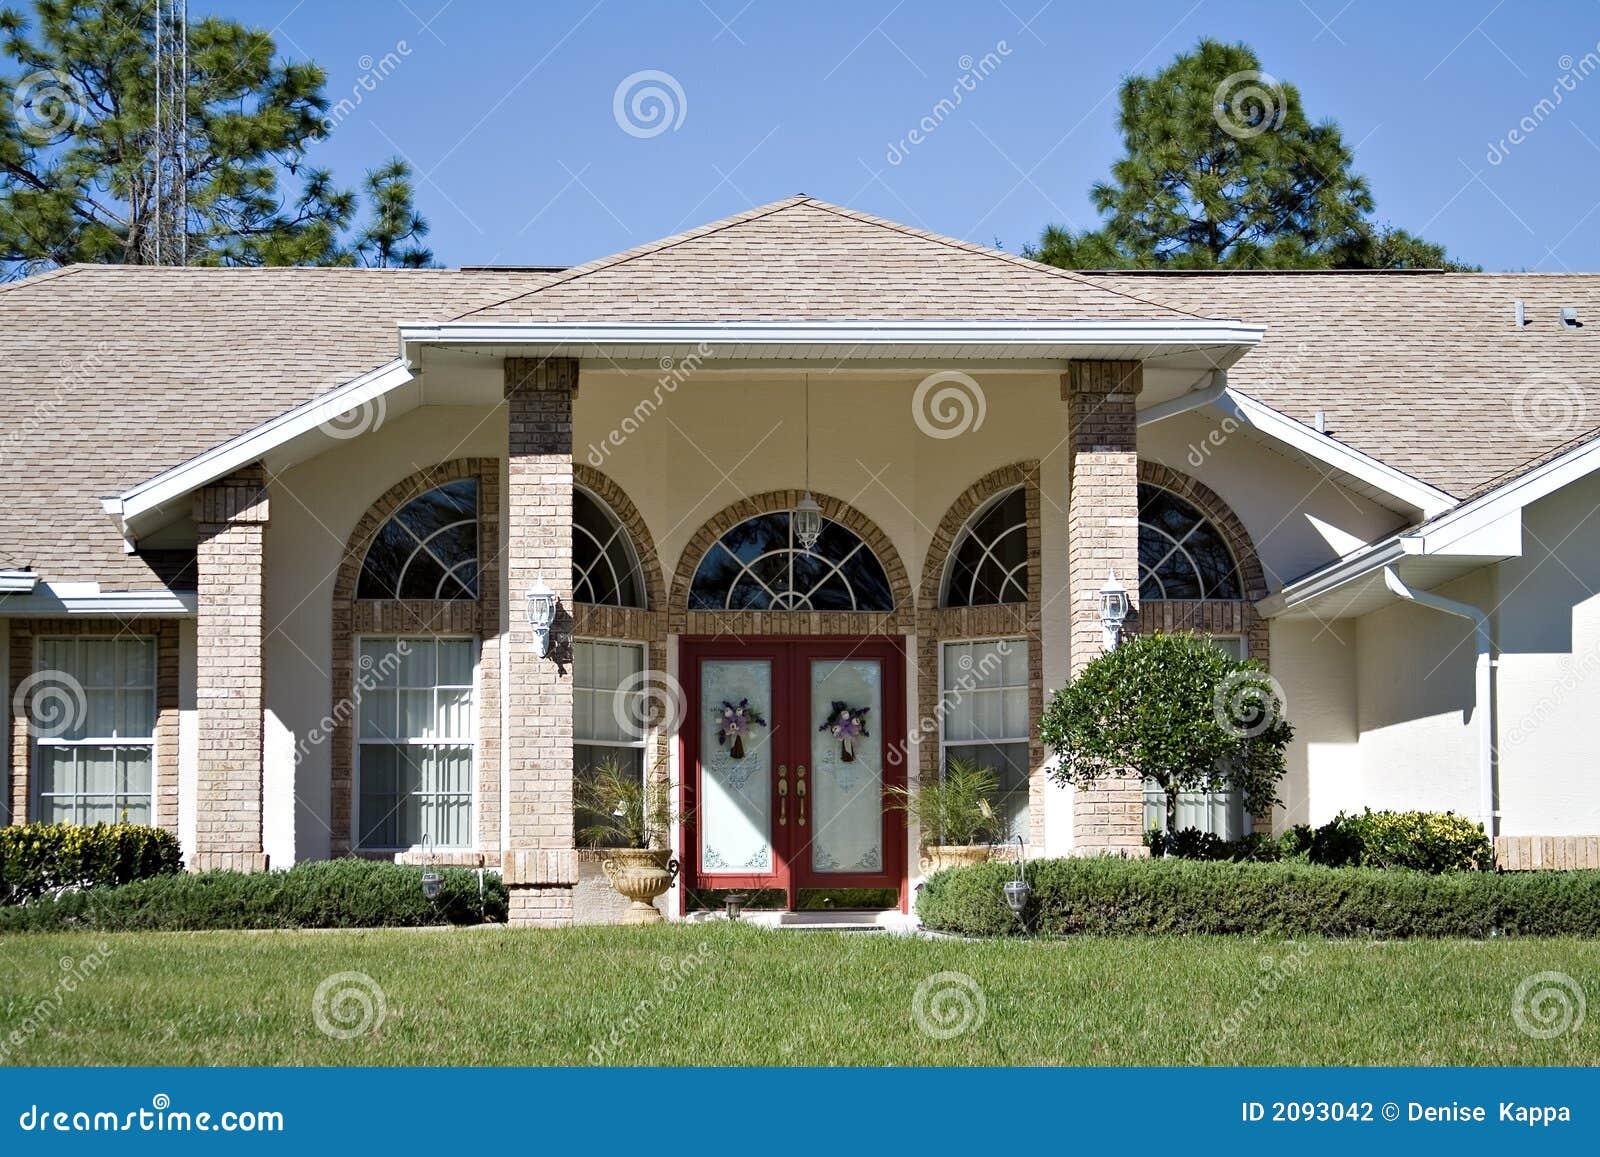 Belle maison de la floride photographie stock image 2093042 - Image de belle maison ...